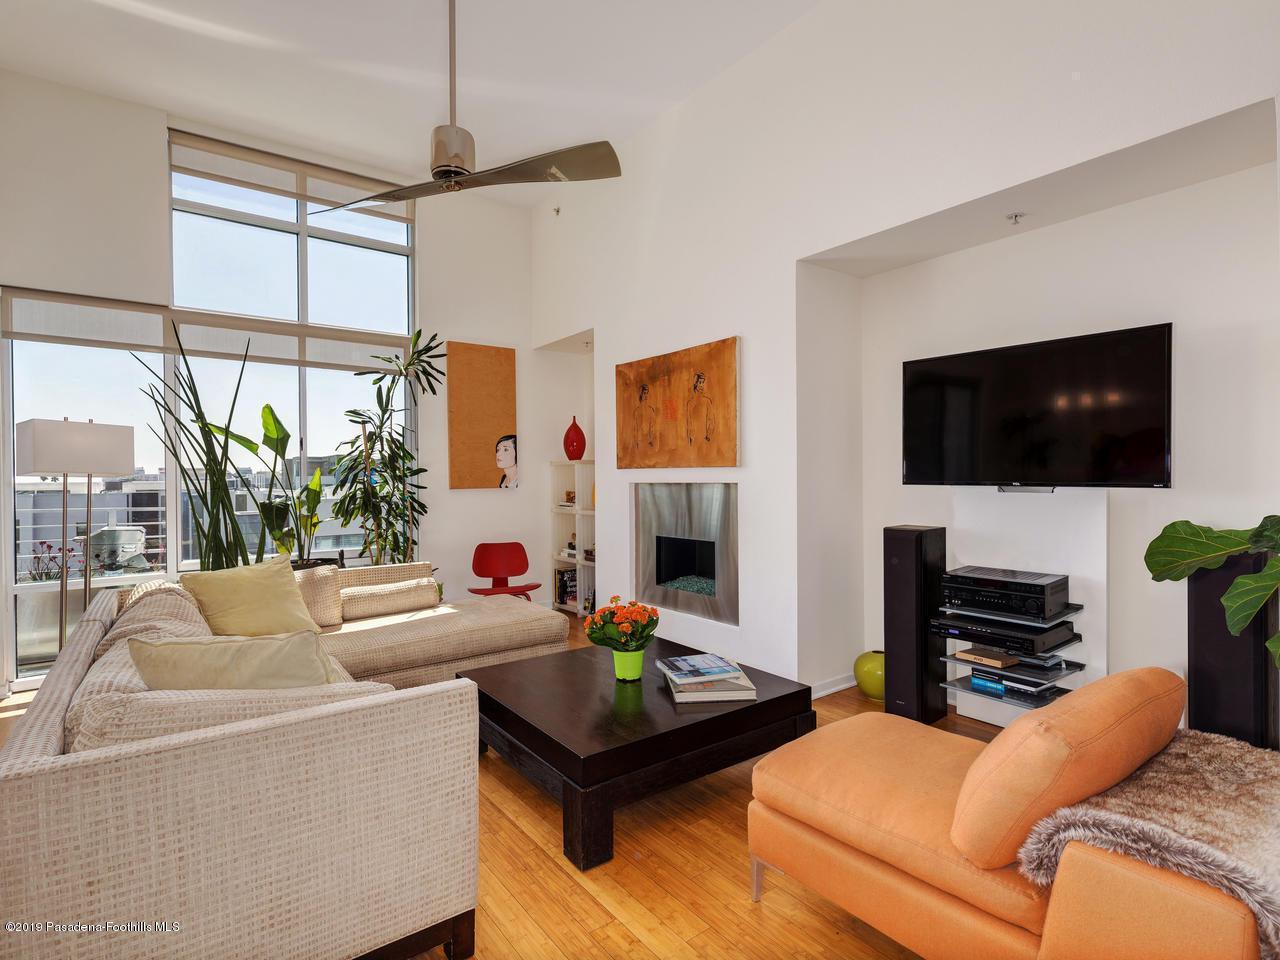 111 DE LACEY, Pasadena, CA 91105 - Living Area